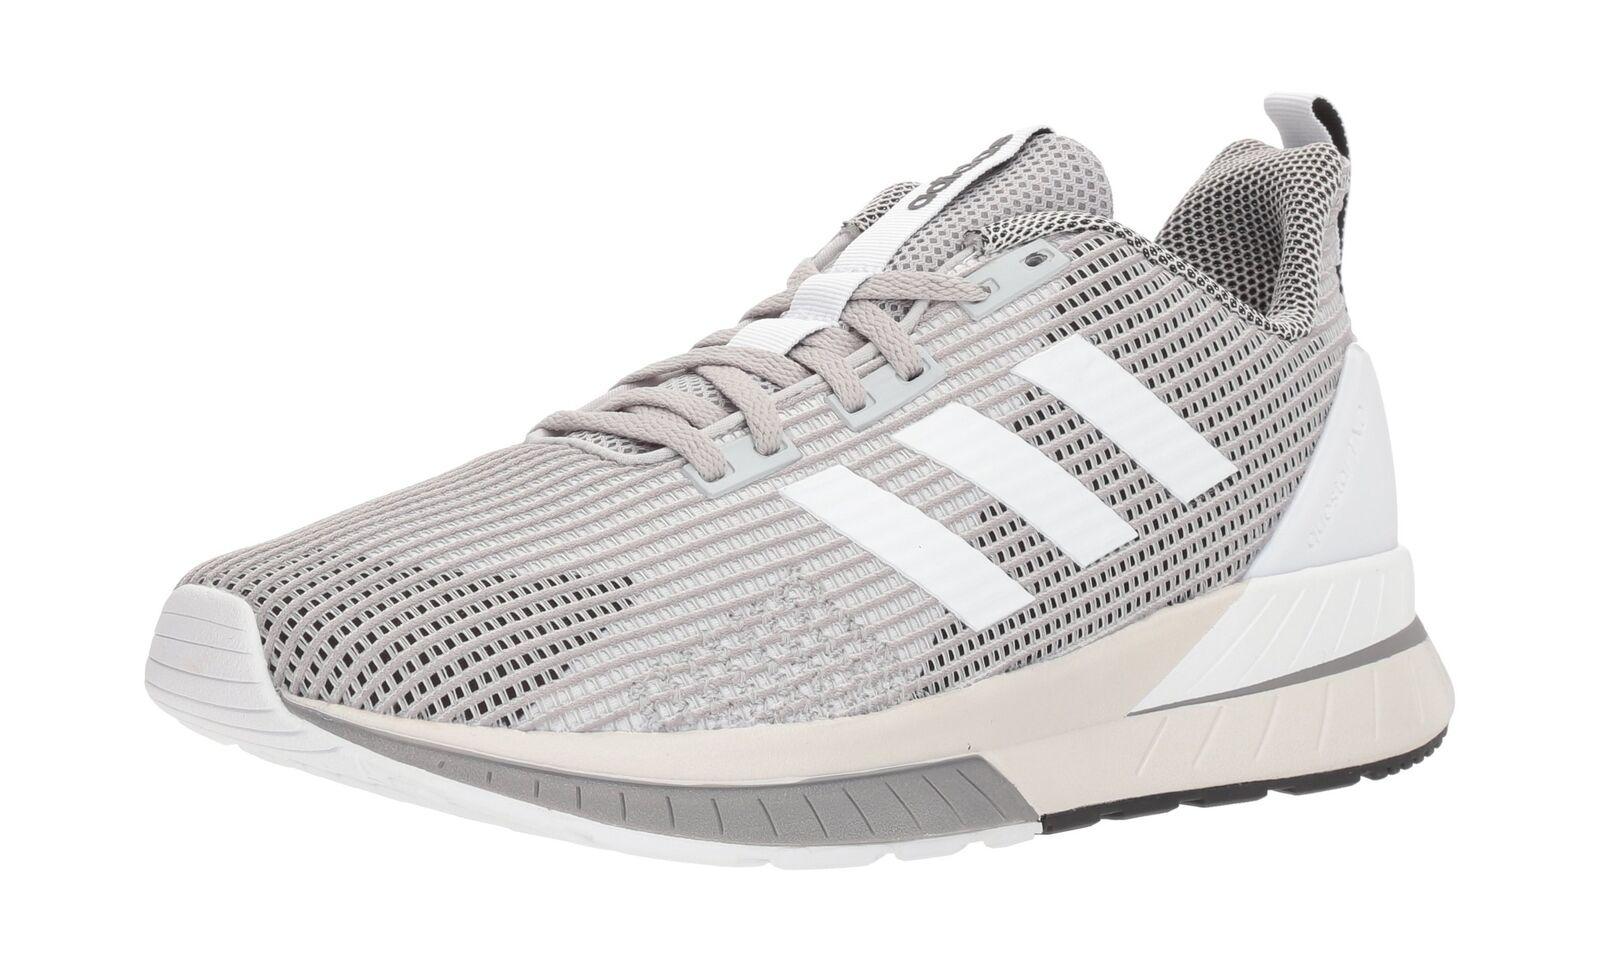 Adidas uomini questar e scarpe da corsa / grigio / corsa bianco / grigio due tre 11 d (m) us b7c774